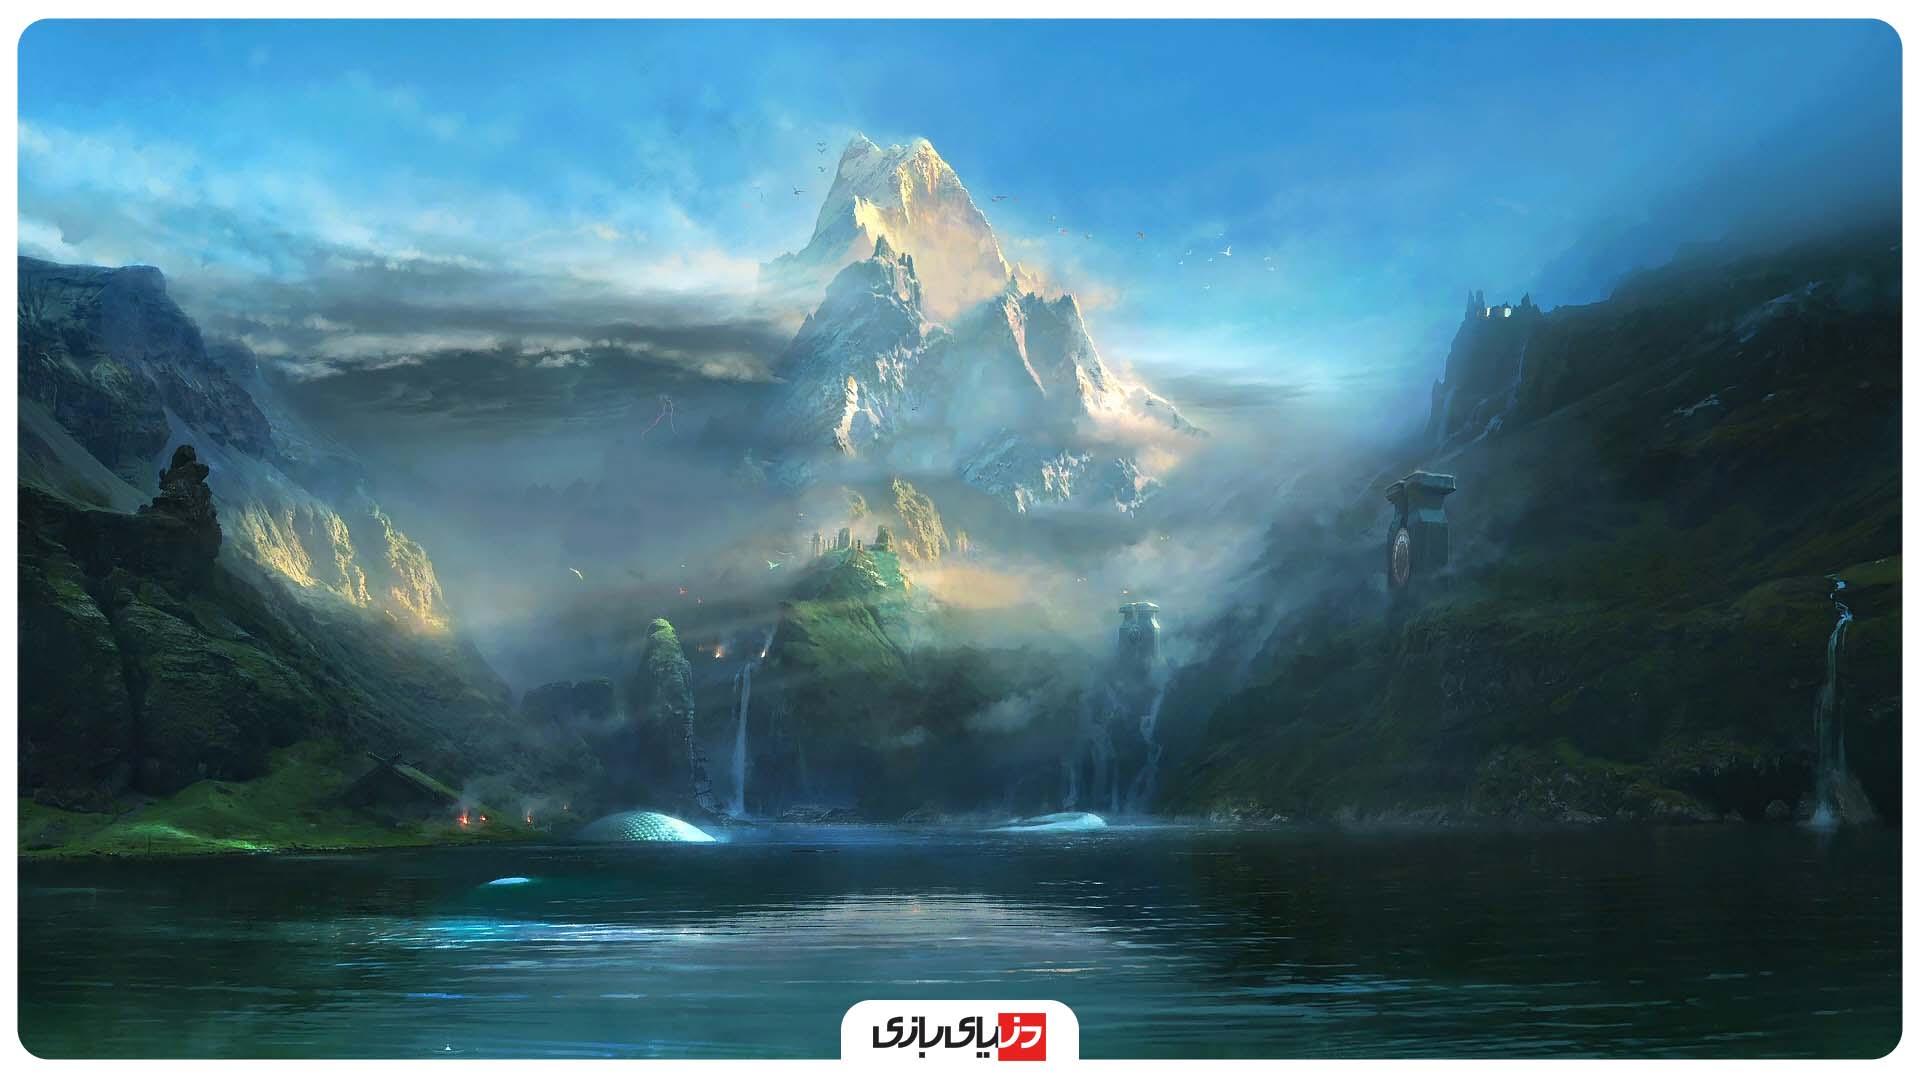 نکات بازی God Of War 2018 - انعکاس اجسام در آب